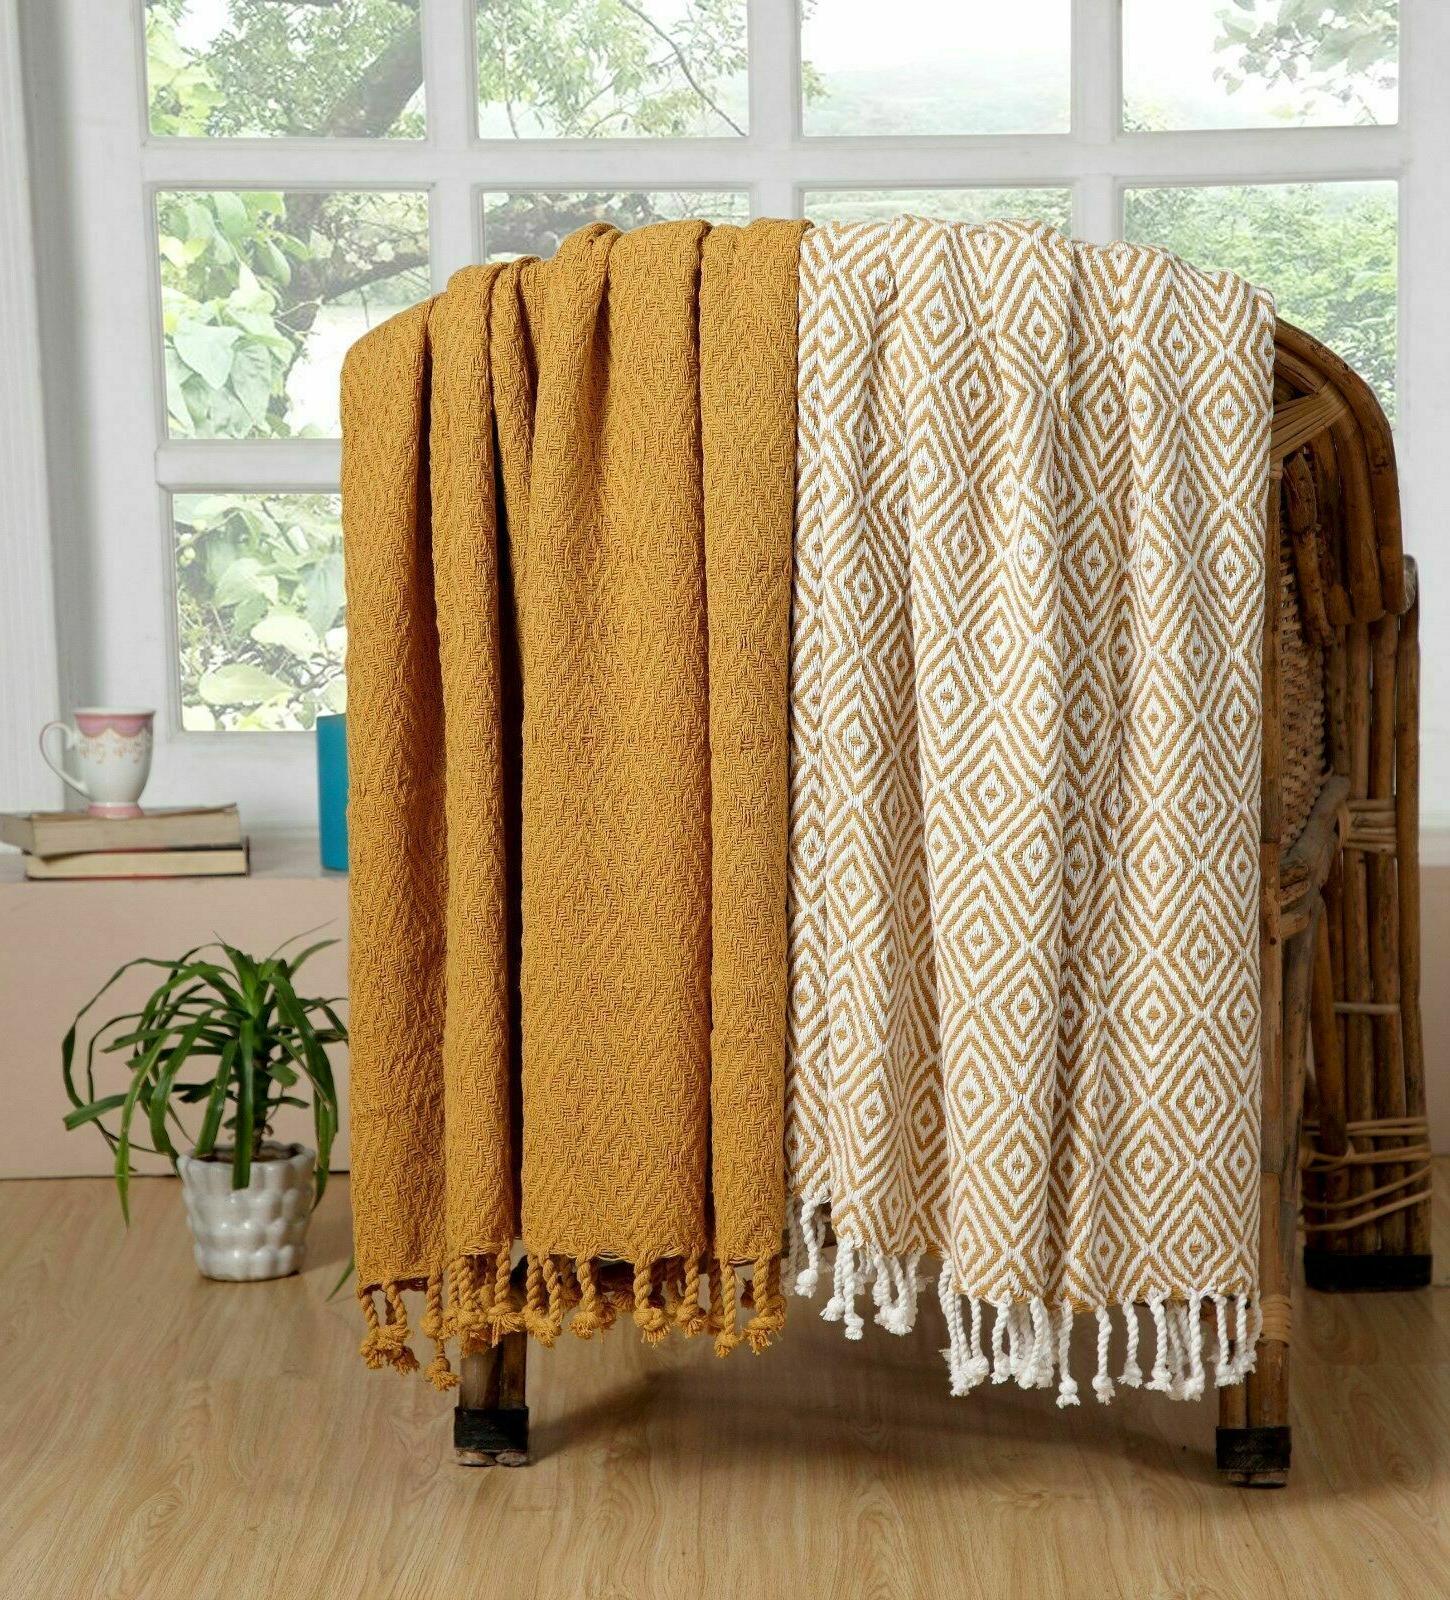 100% Woven Throw Blanket Couch Sofa Throw Indoor/Outdoor